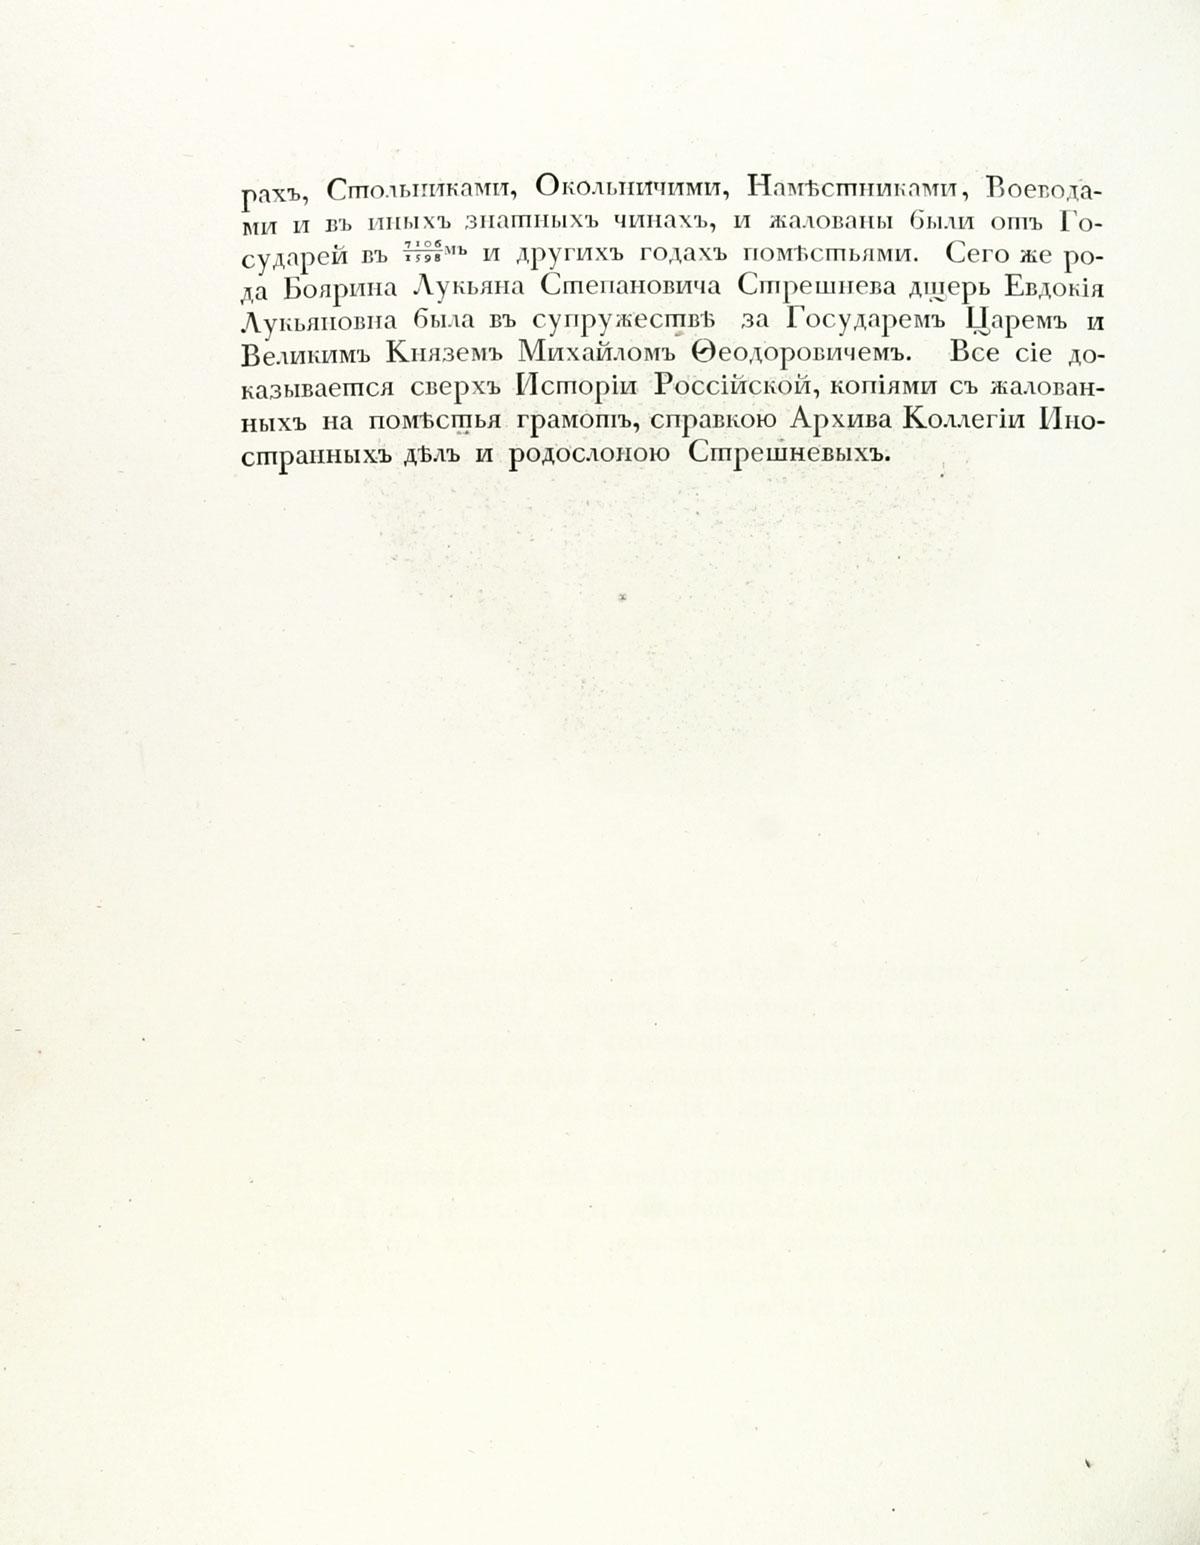 Герб рода Стрешневых, стр. 2